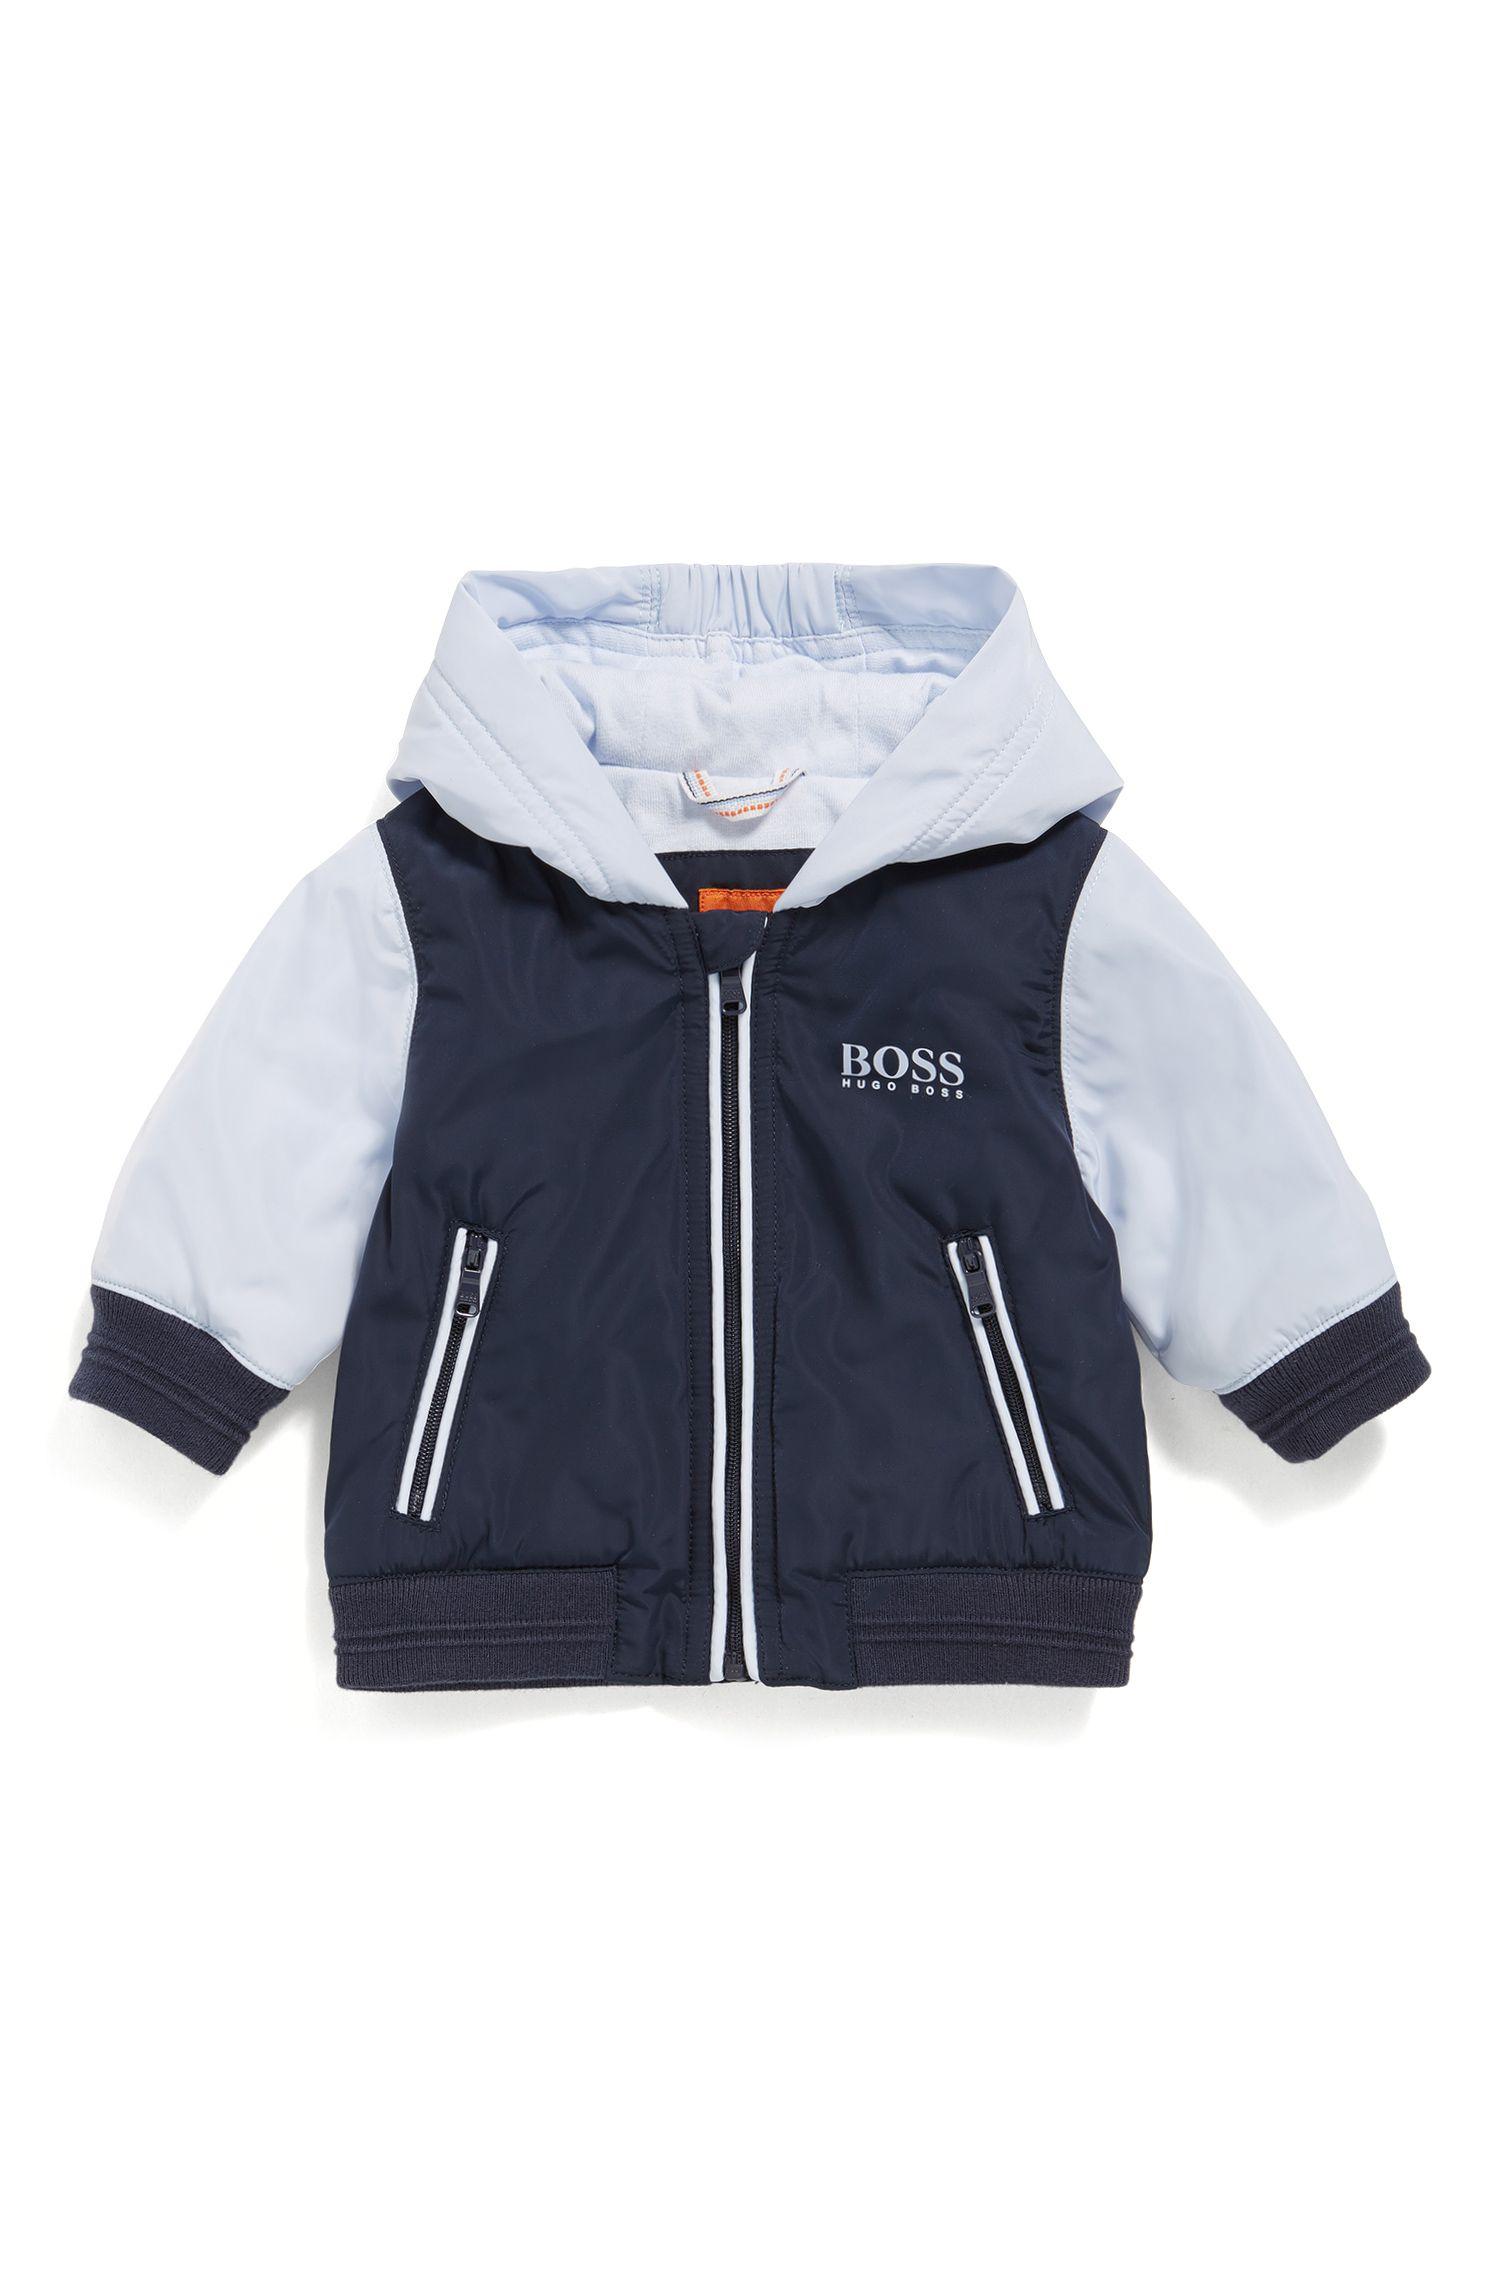 Veste Regular Fit avec doublure en jersey pour bébé